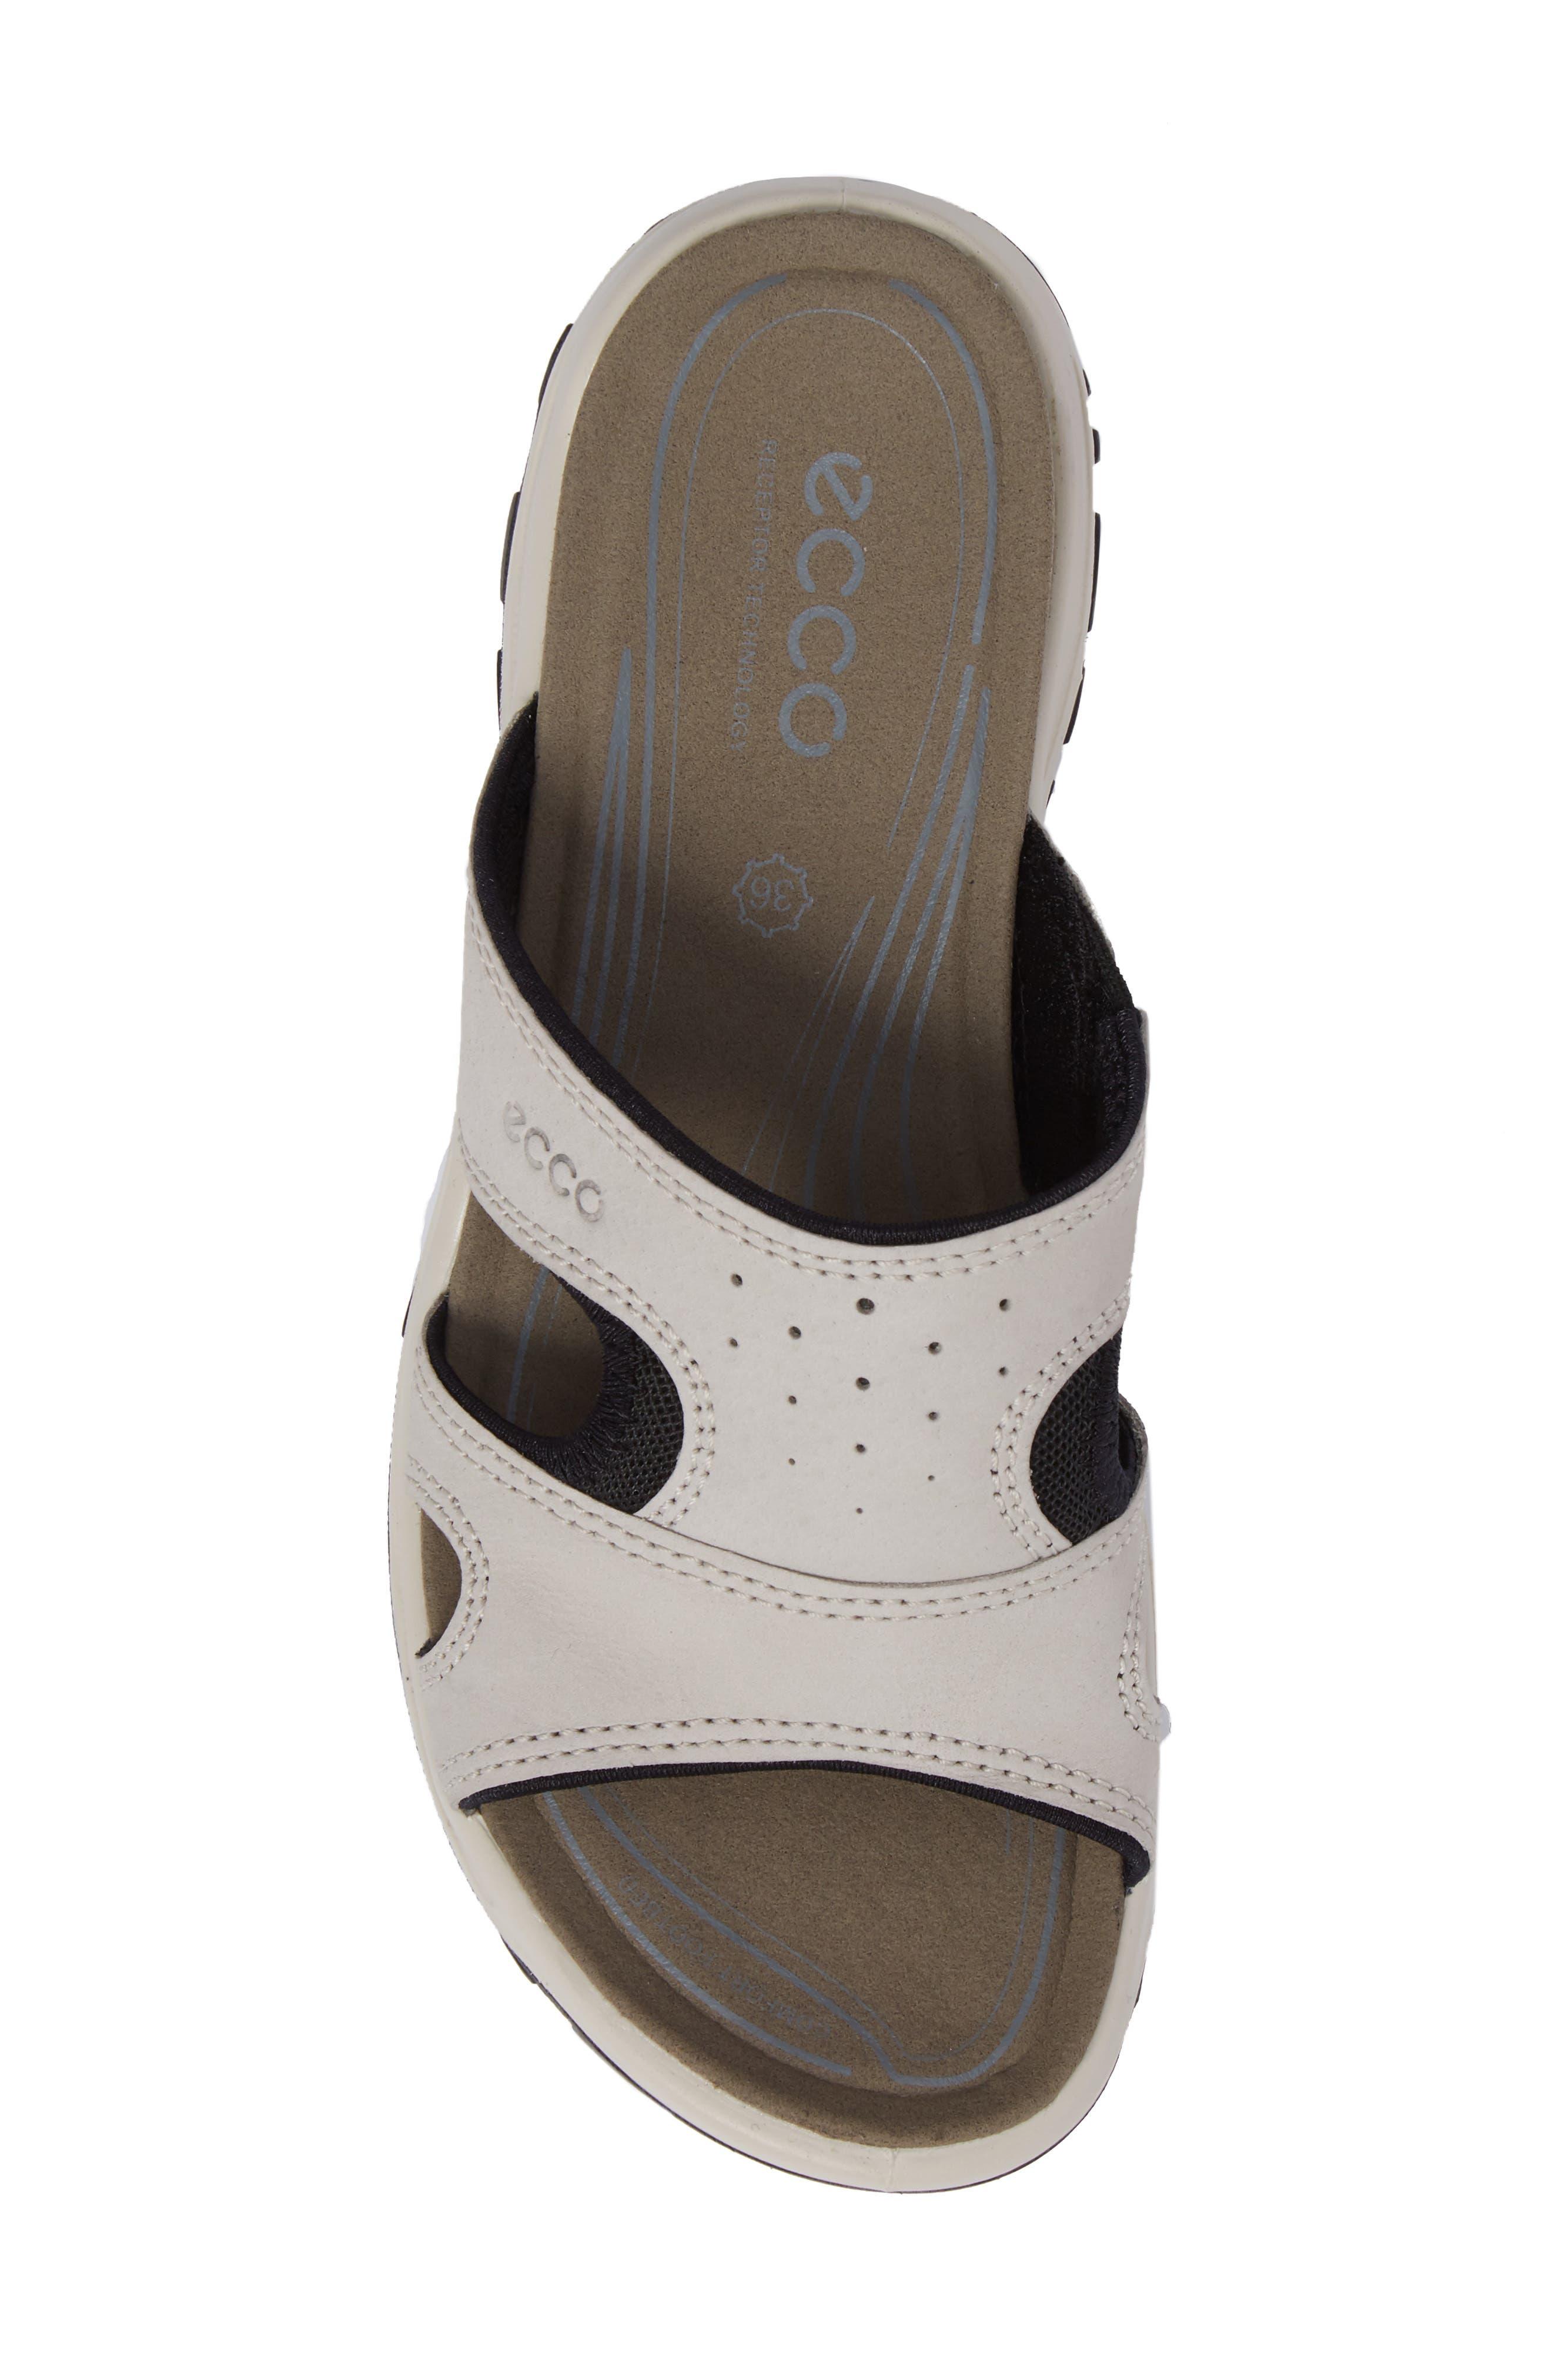 Offroad Lite Slide Sandal,                             Alternate thumbnail 5, color,                             GRAVEL/ BLACK LEATHER